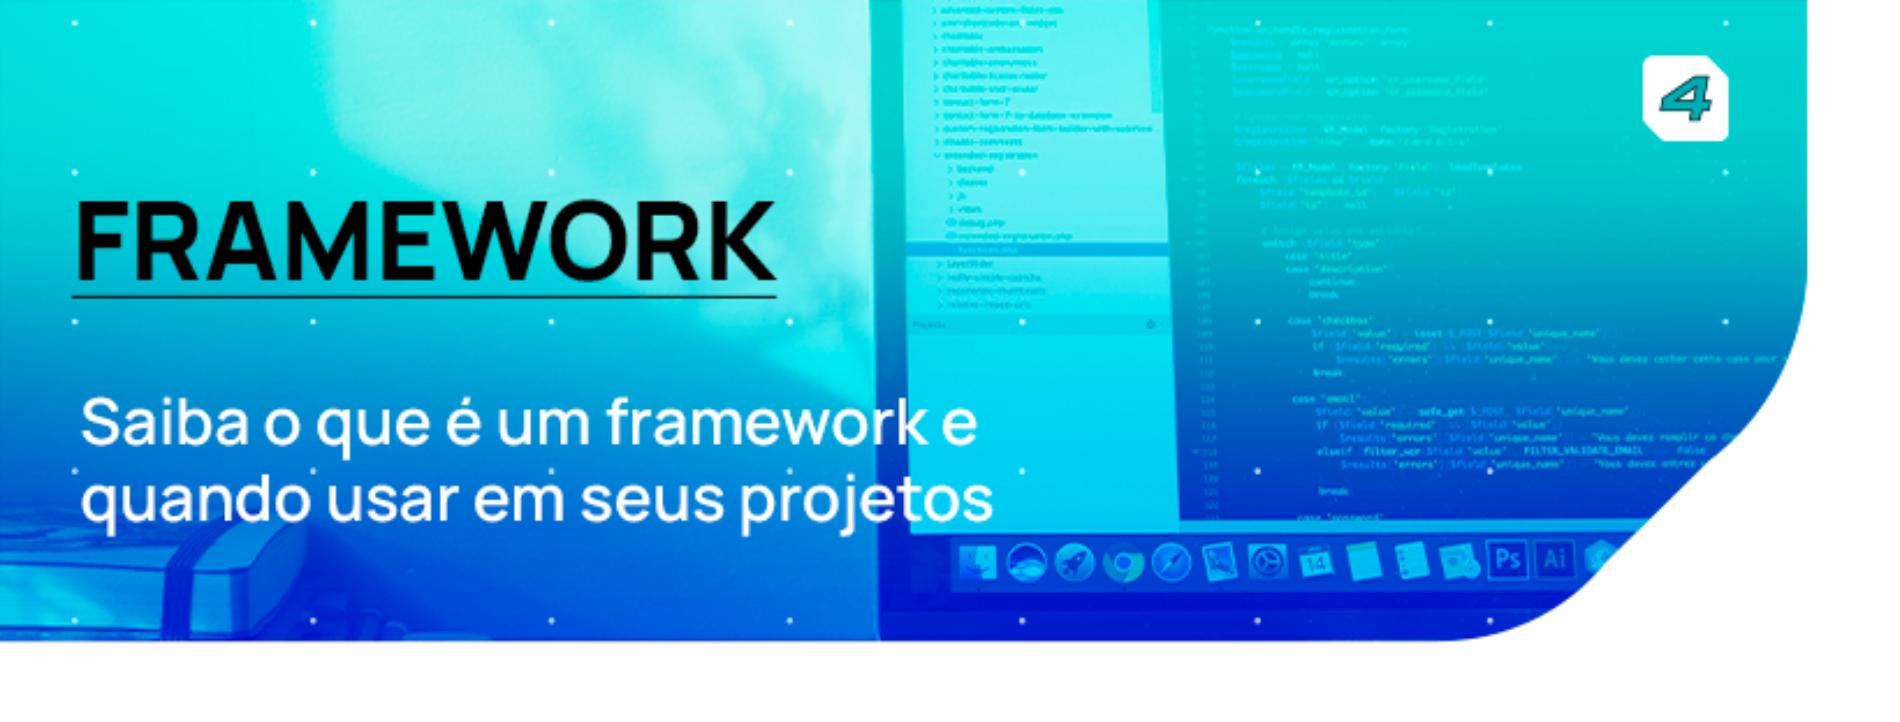 O que é um framework e quando usar em seus projetos